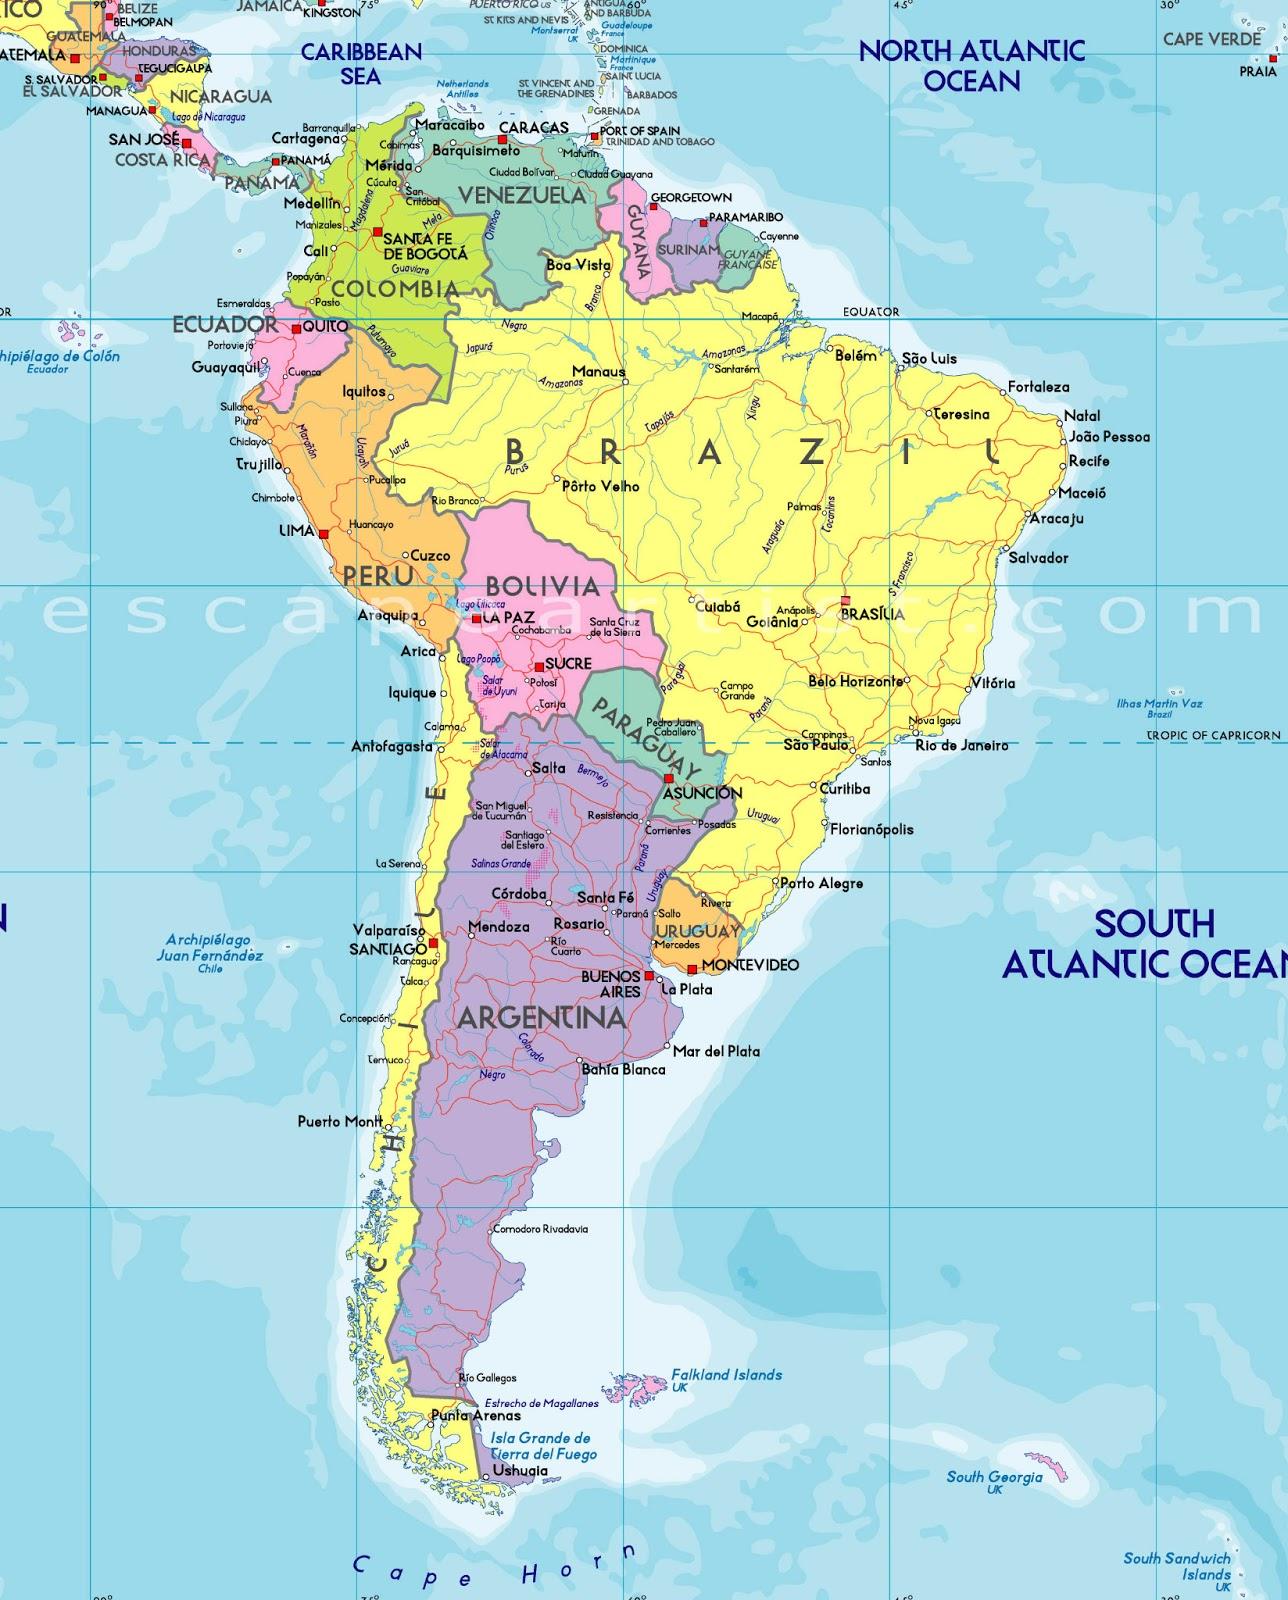 América do Sul | Mapas Geográficos da América do Sul